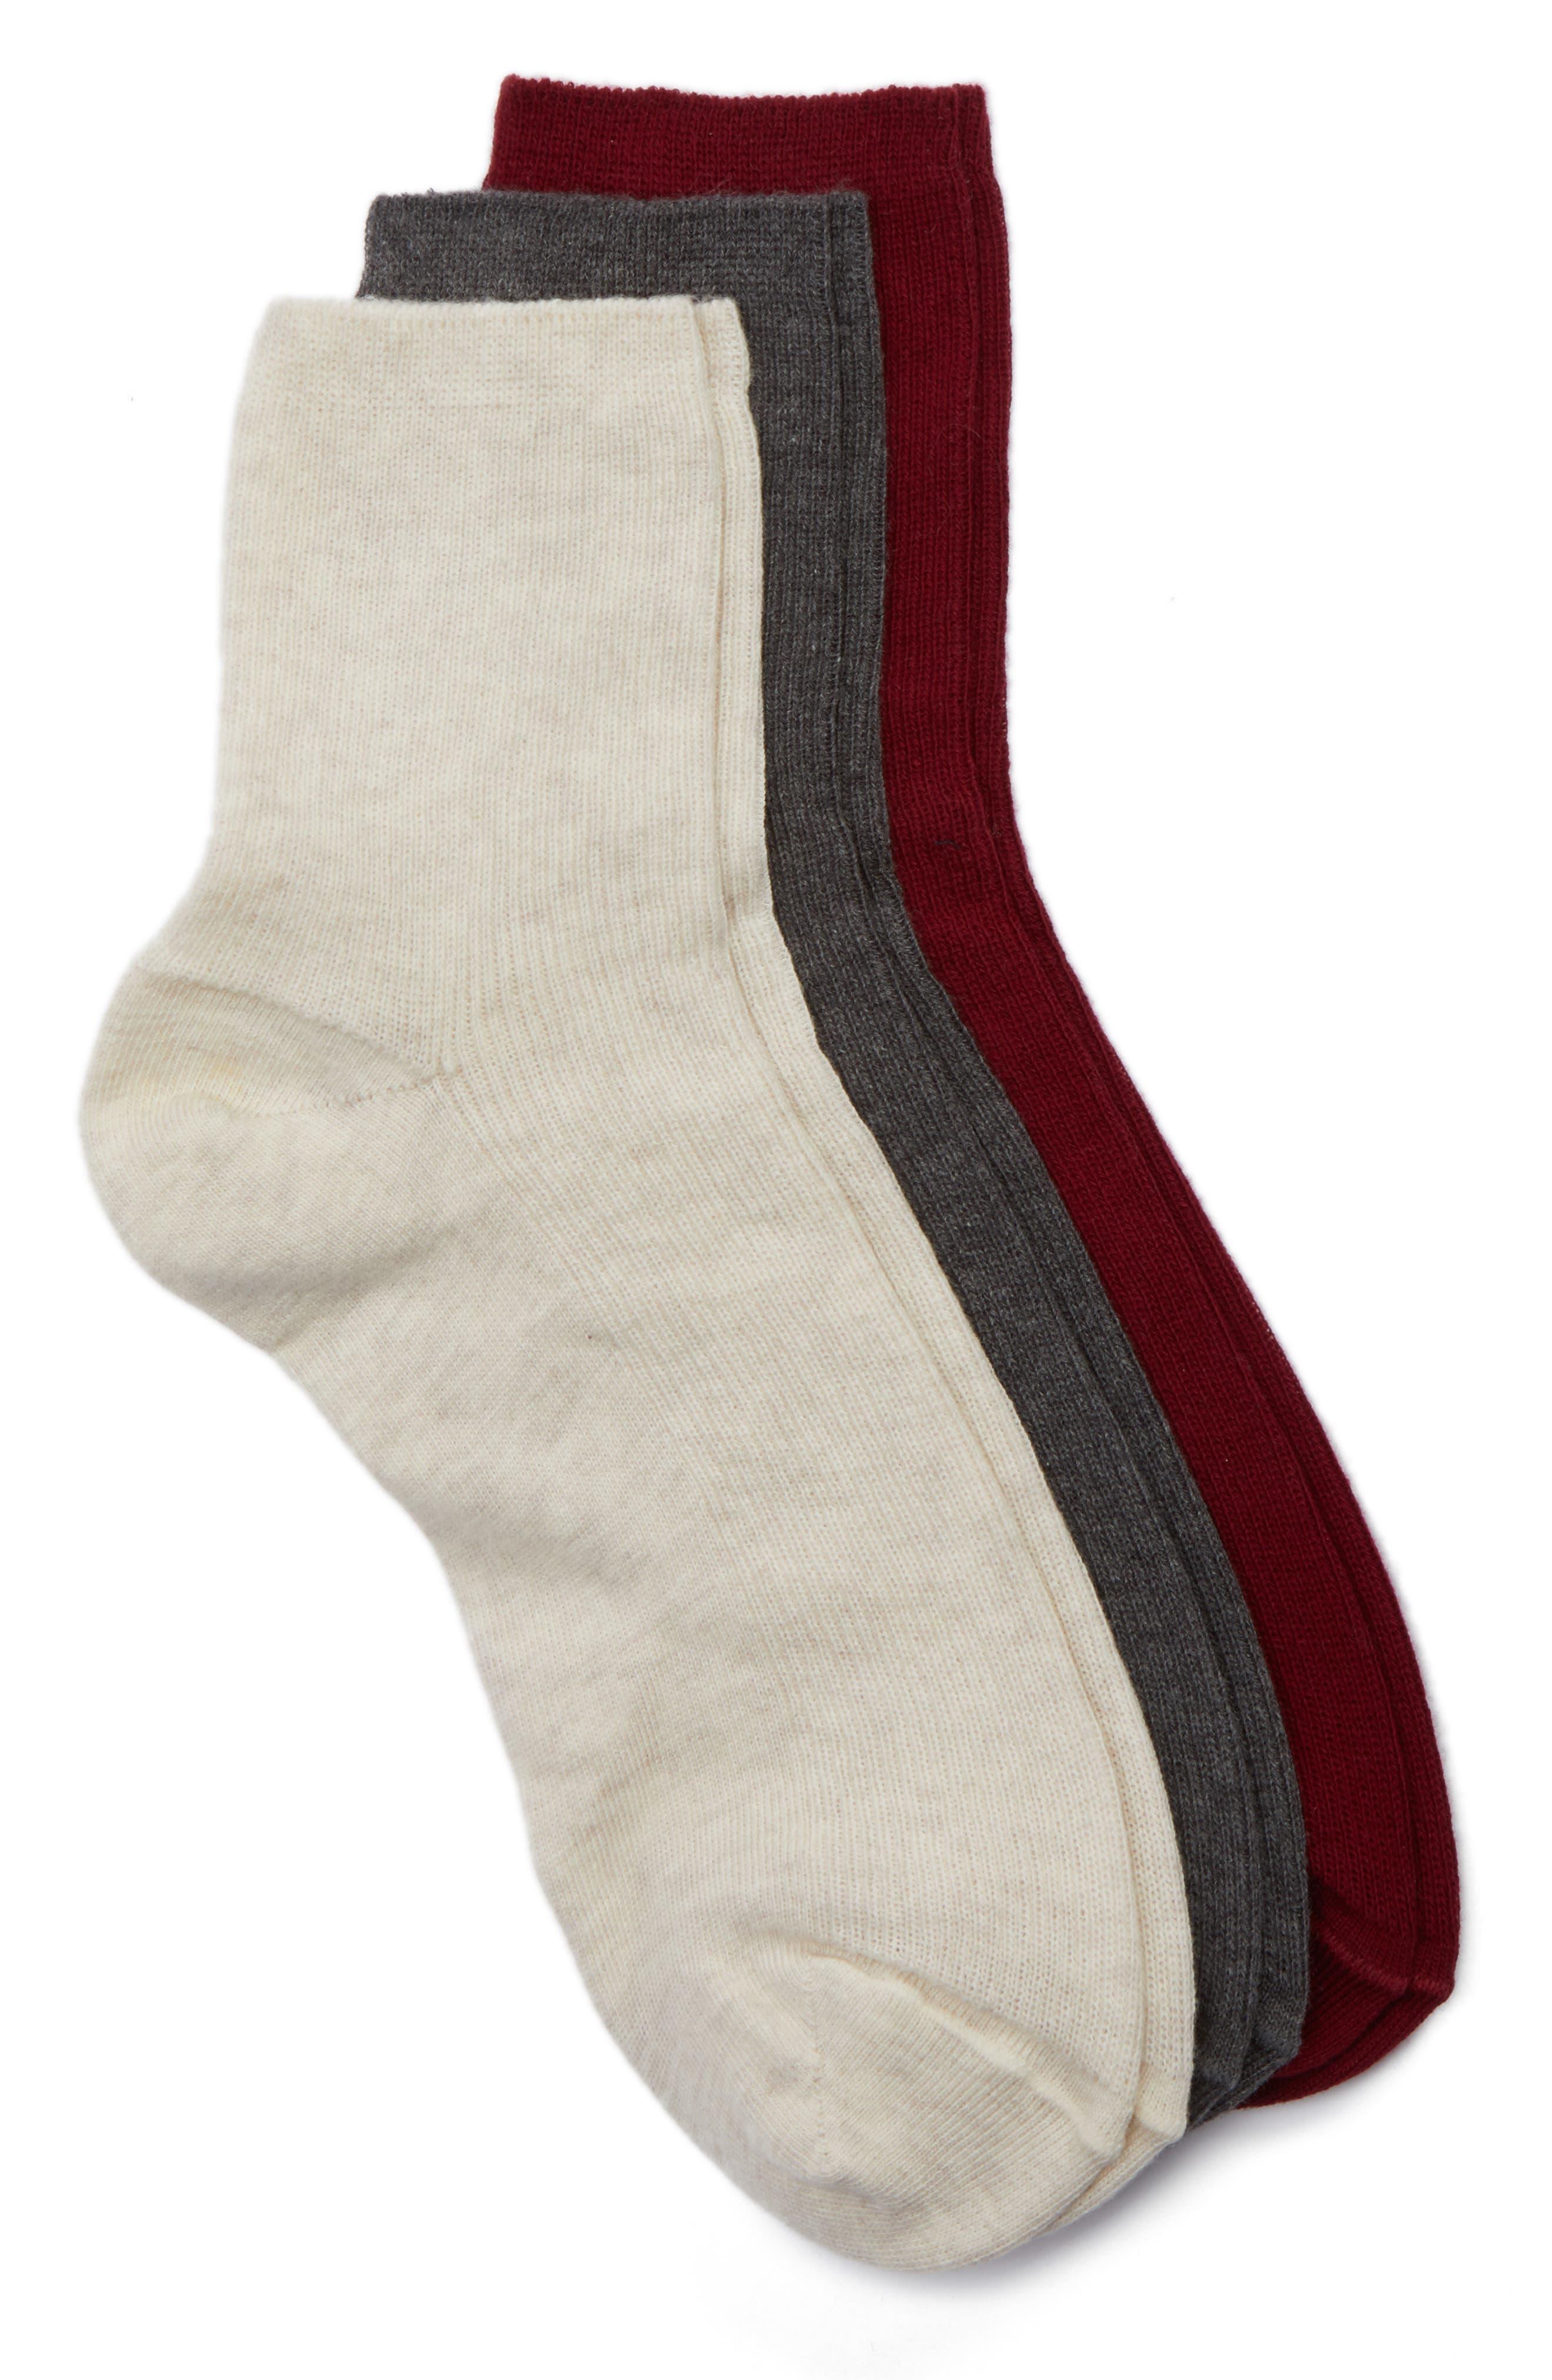 Nordstrom 3-Pack Ankle Socks